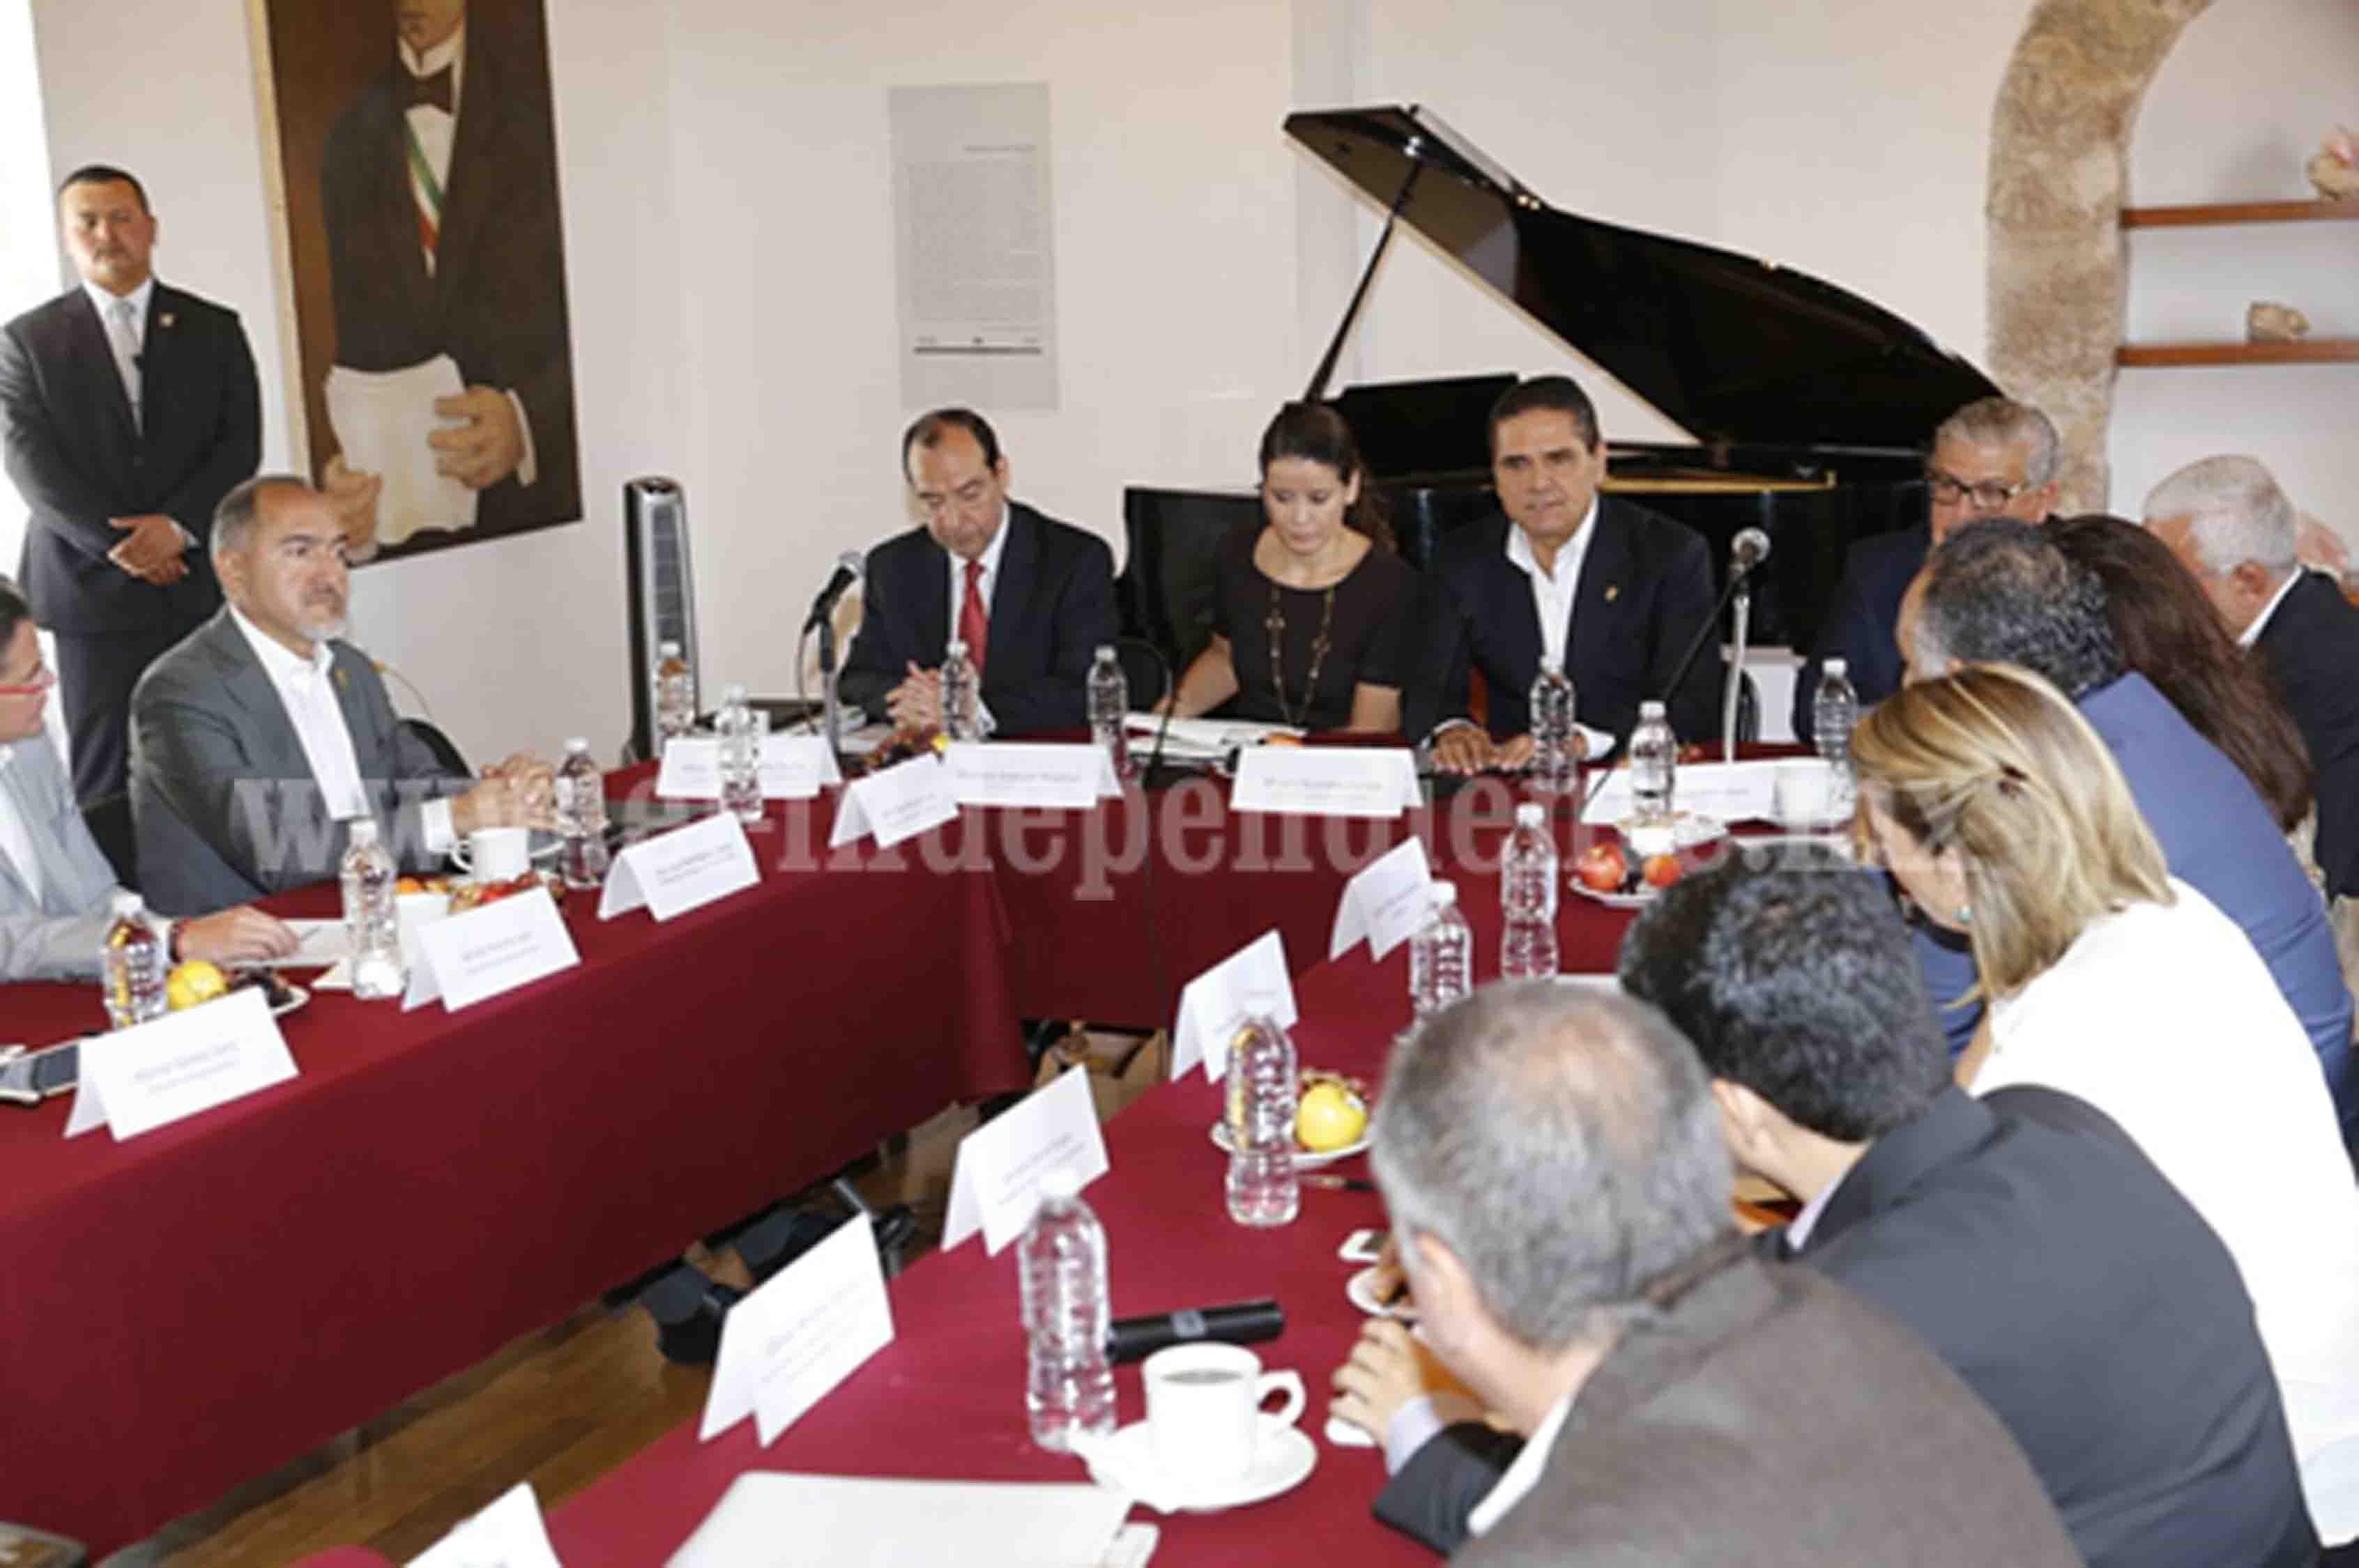 Coordinados Gobierno del Estado y Federación en tema educativo: Silvano Aureoles